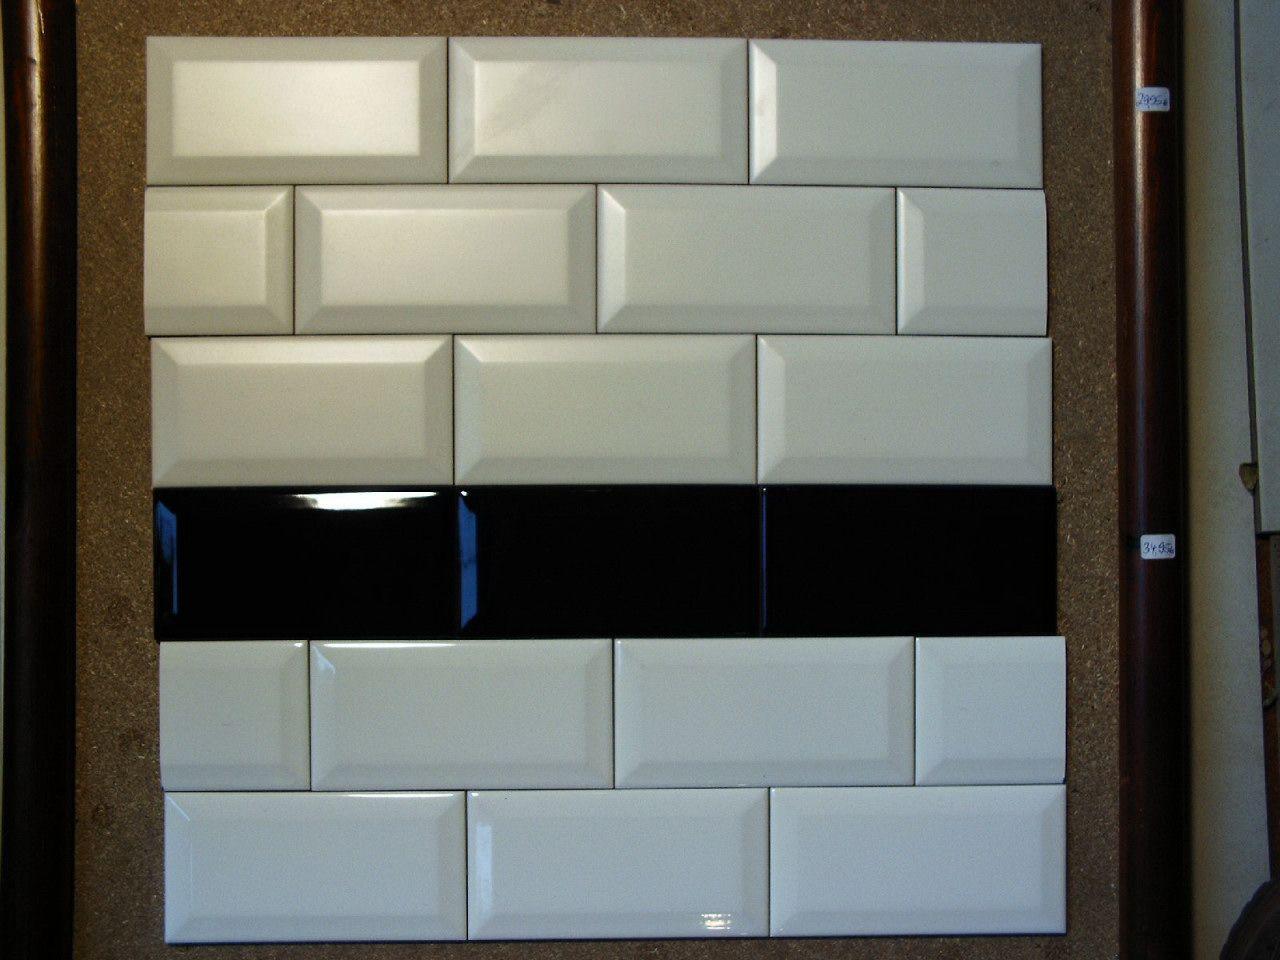 Hervorragend 200-12-4.OL Wandfliesen <hr>Z12 - Metro Fliesen 7,5 x 15<hr><br  NC93